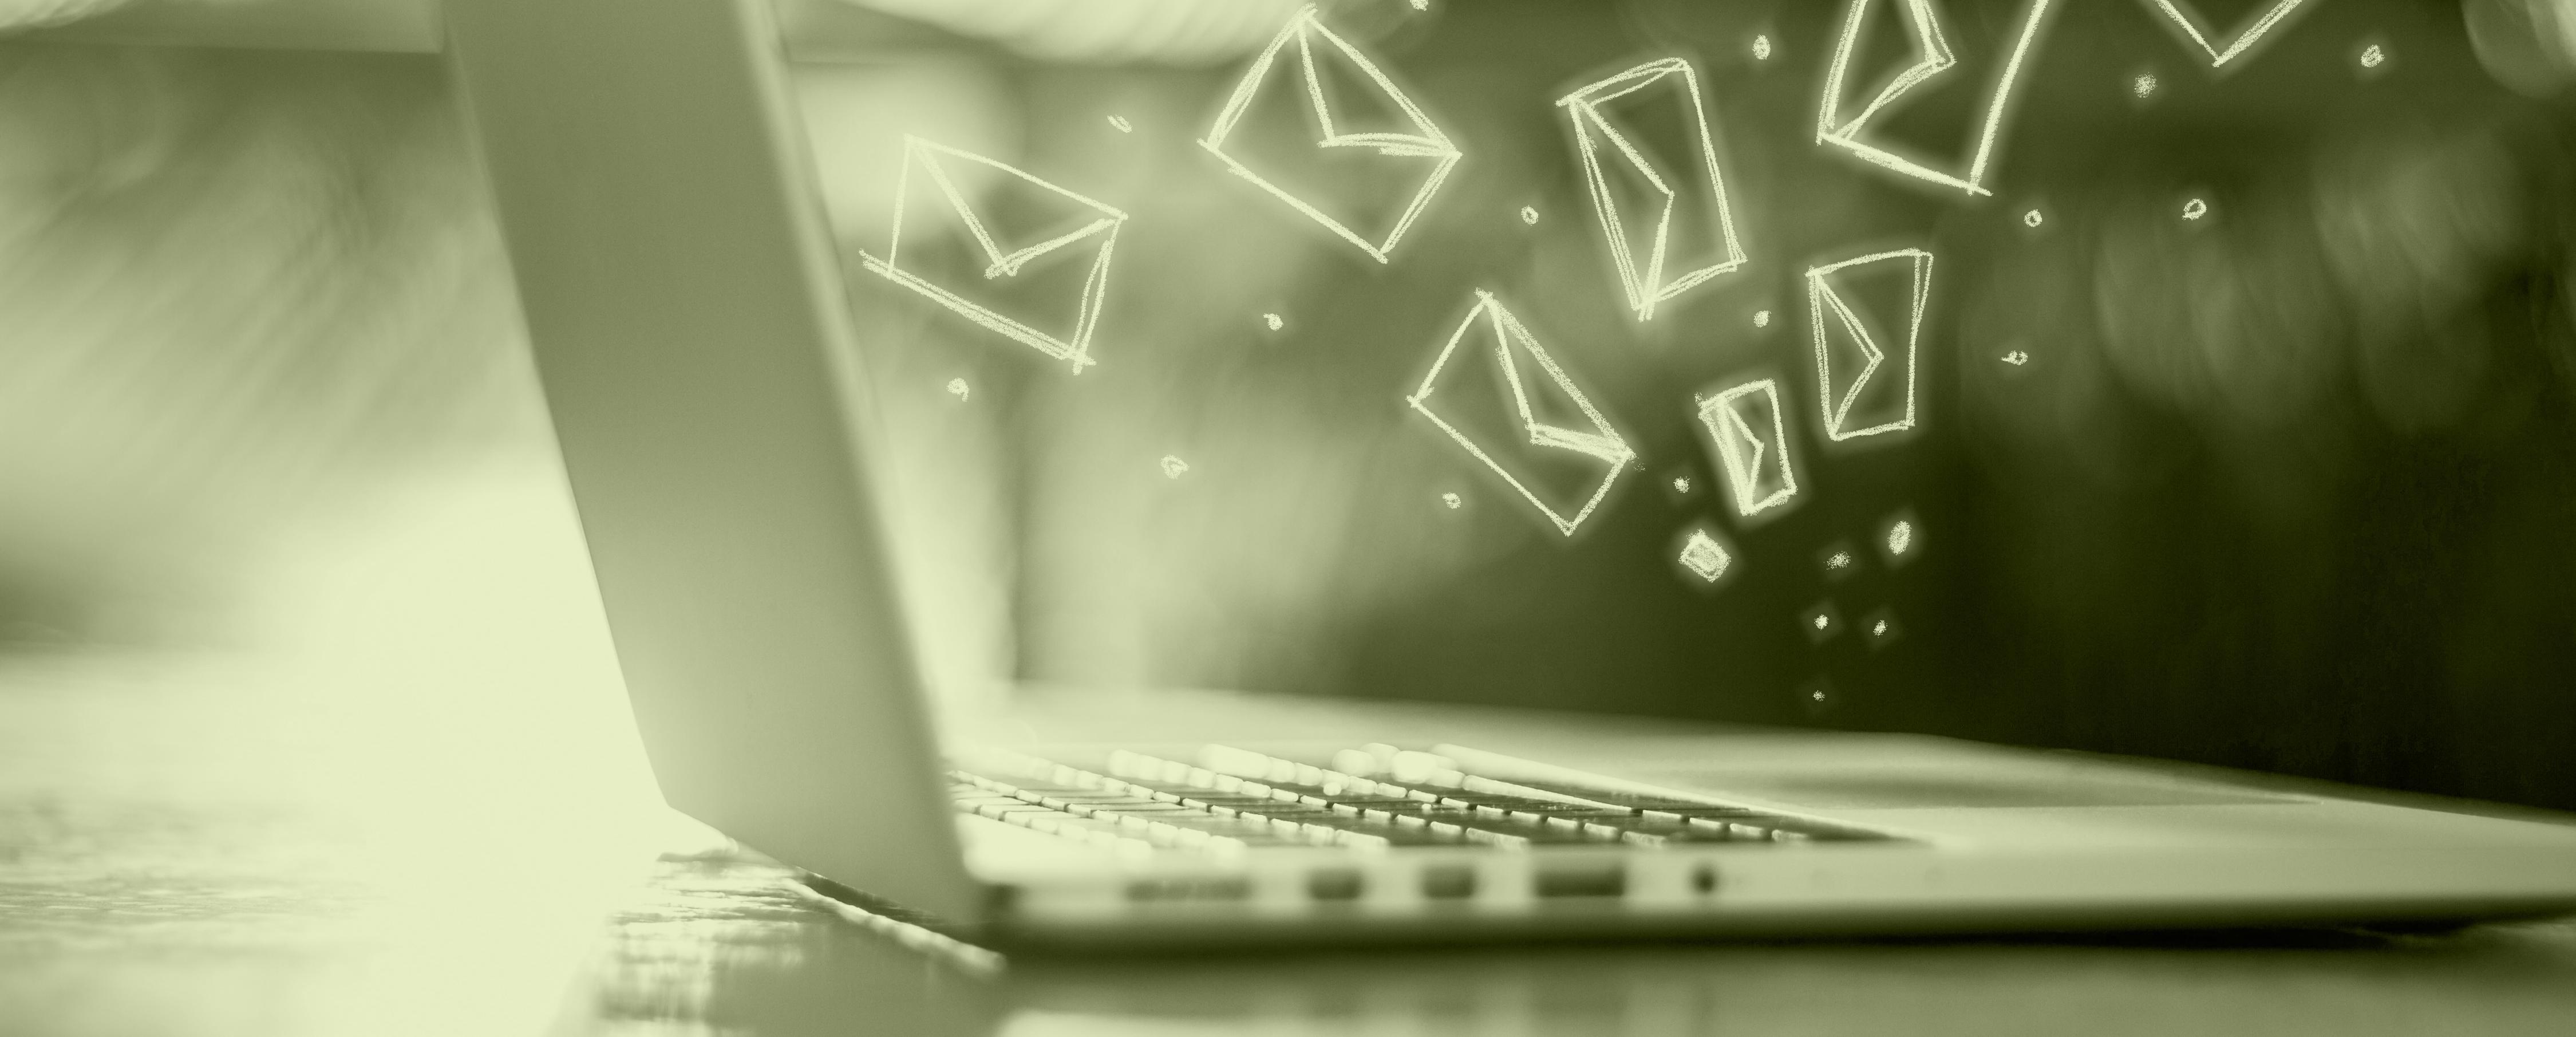 Streamworks Email Marketing Strategy